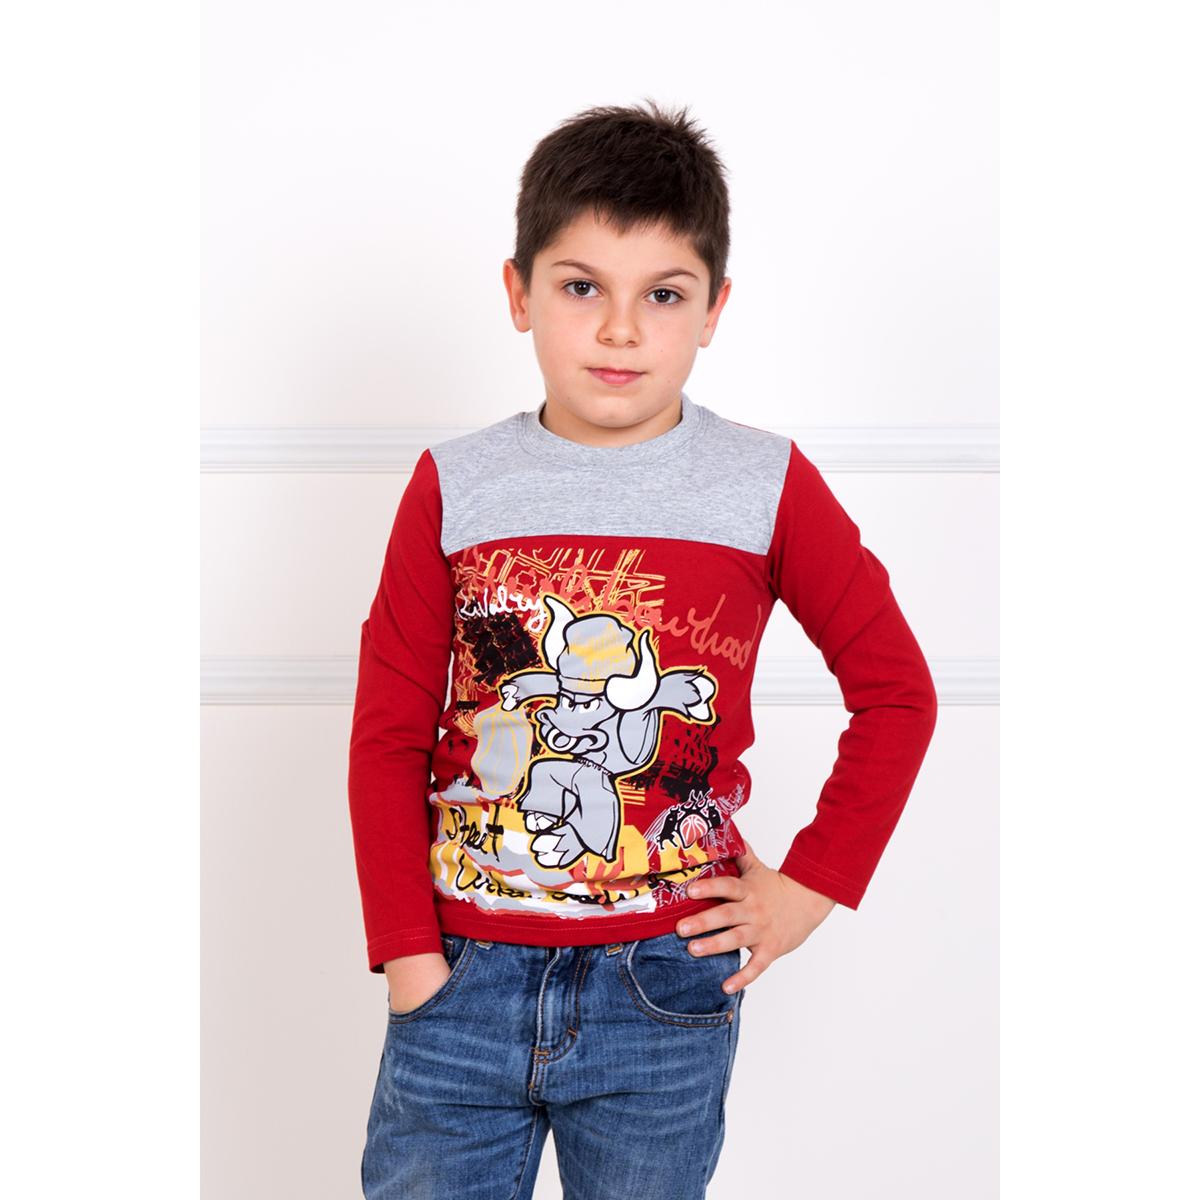 Детская футболка Кирилл Красный, размер 9 летМайки и футболки<br><br><br>Тип: Дет. футболка<br>Размер: 9 лет<br>Материал: Кулирка